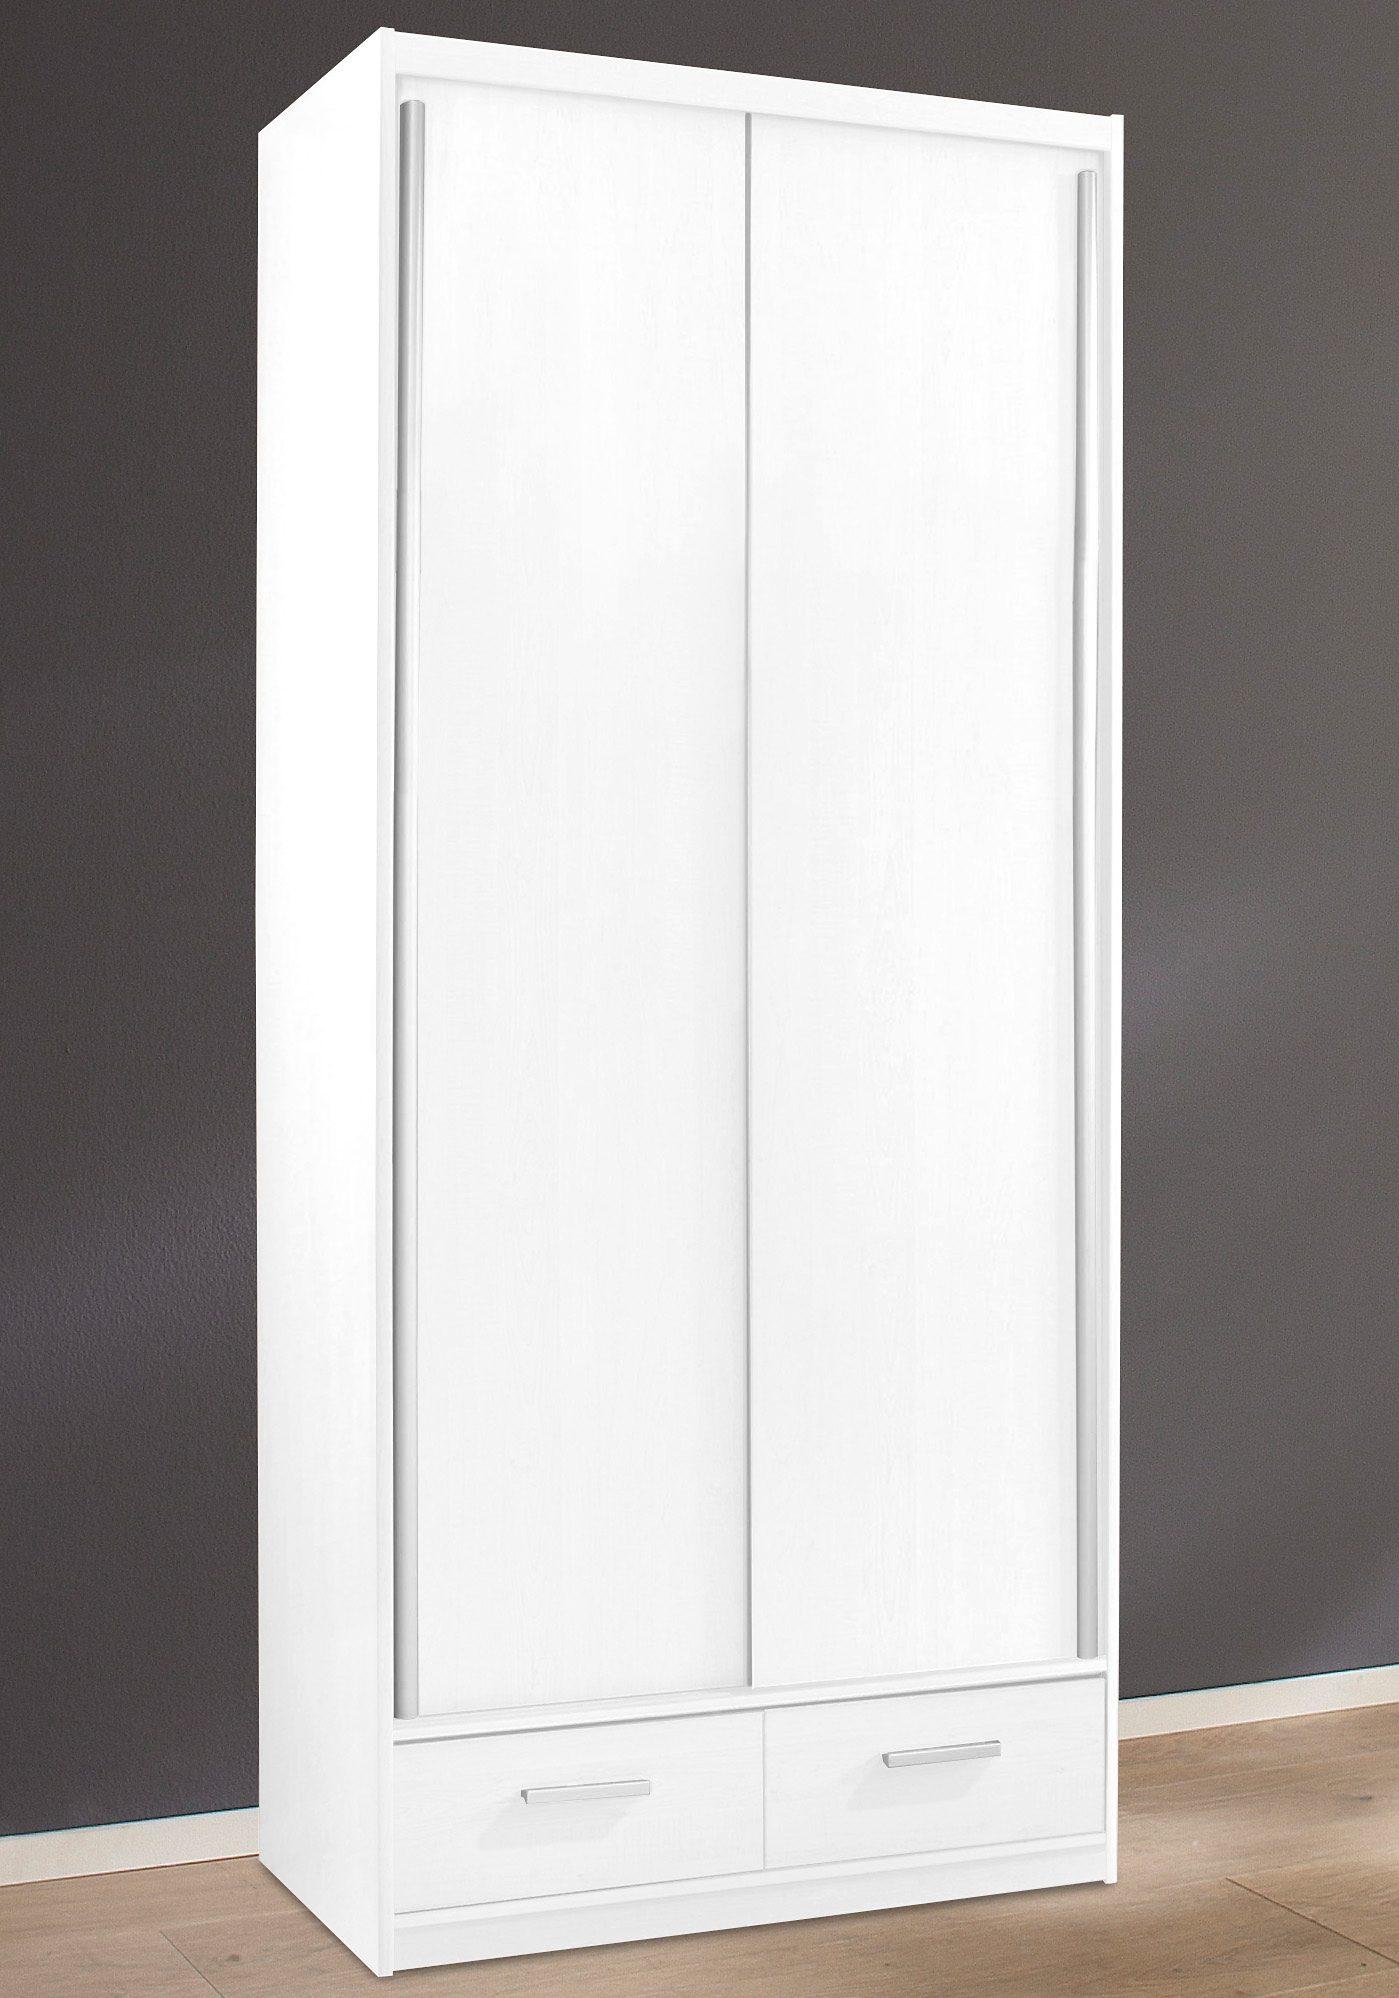 Küche Schiebetürenschrank  Moderne Büro Garderobe Gropada In Weiß